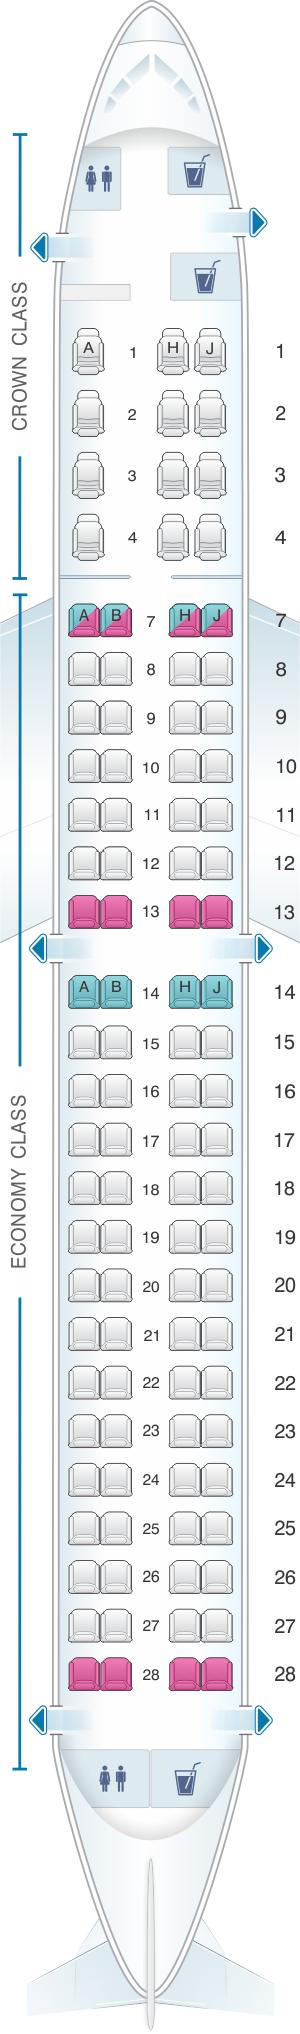 Seat map for Royal Jordanian Embarer EMB 195